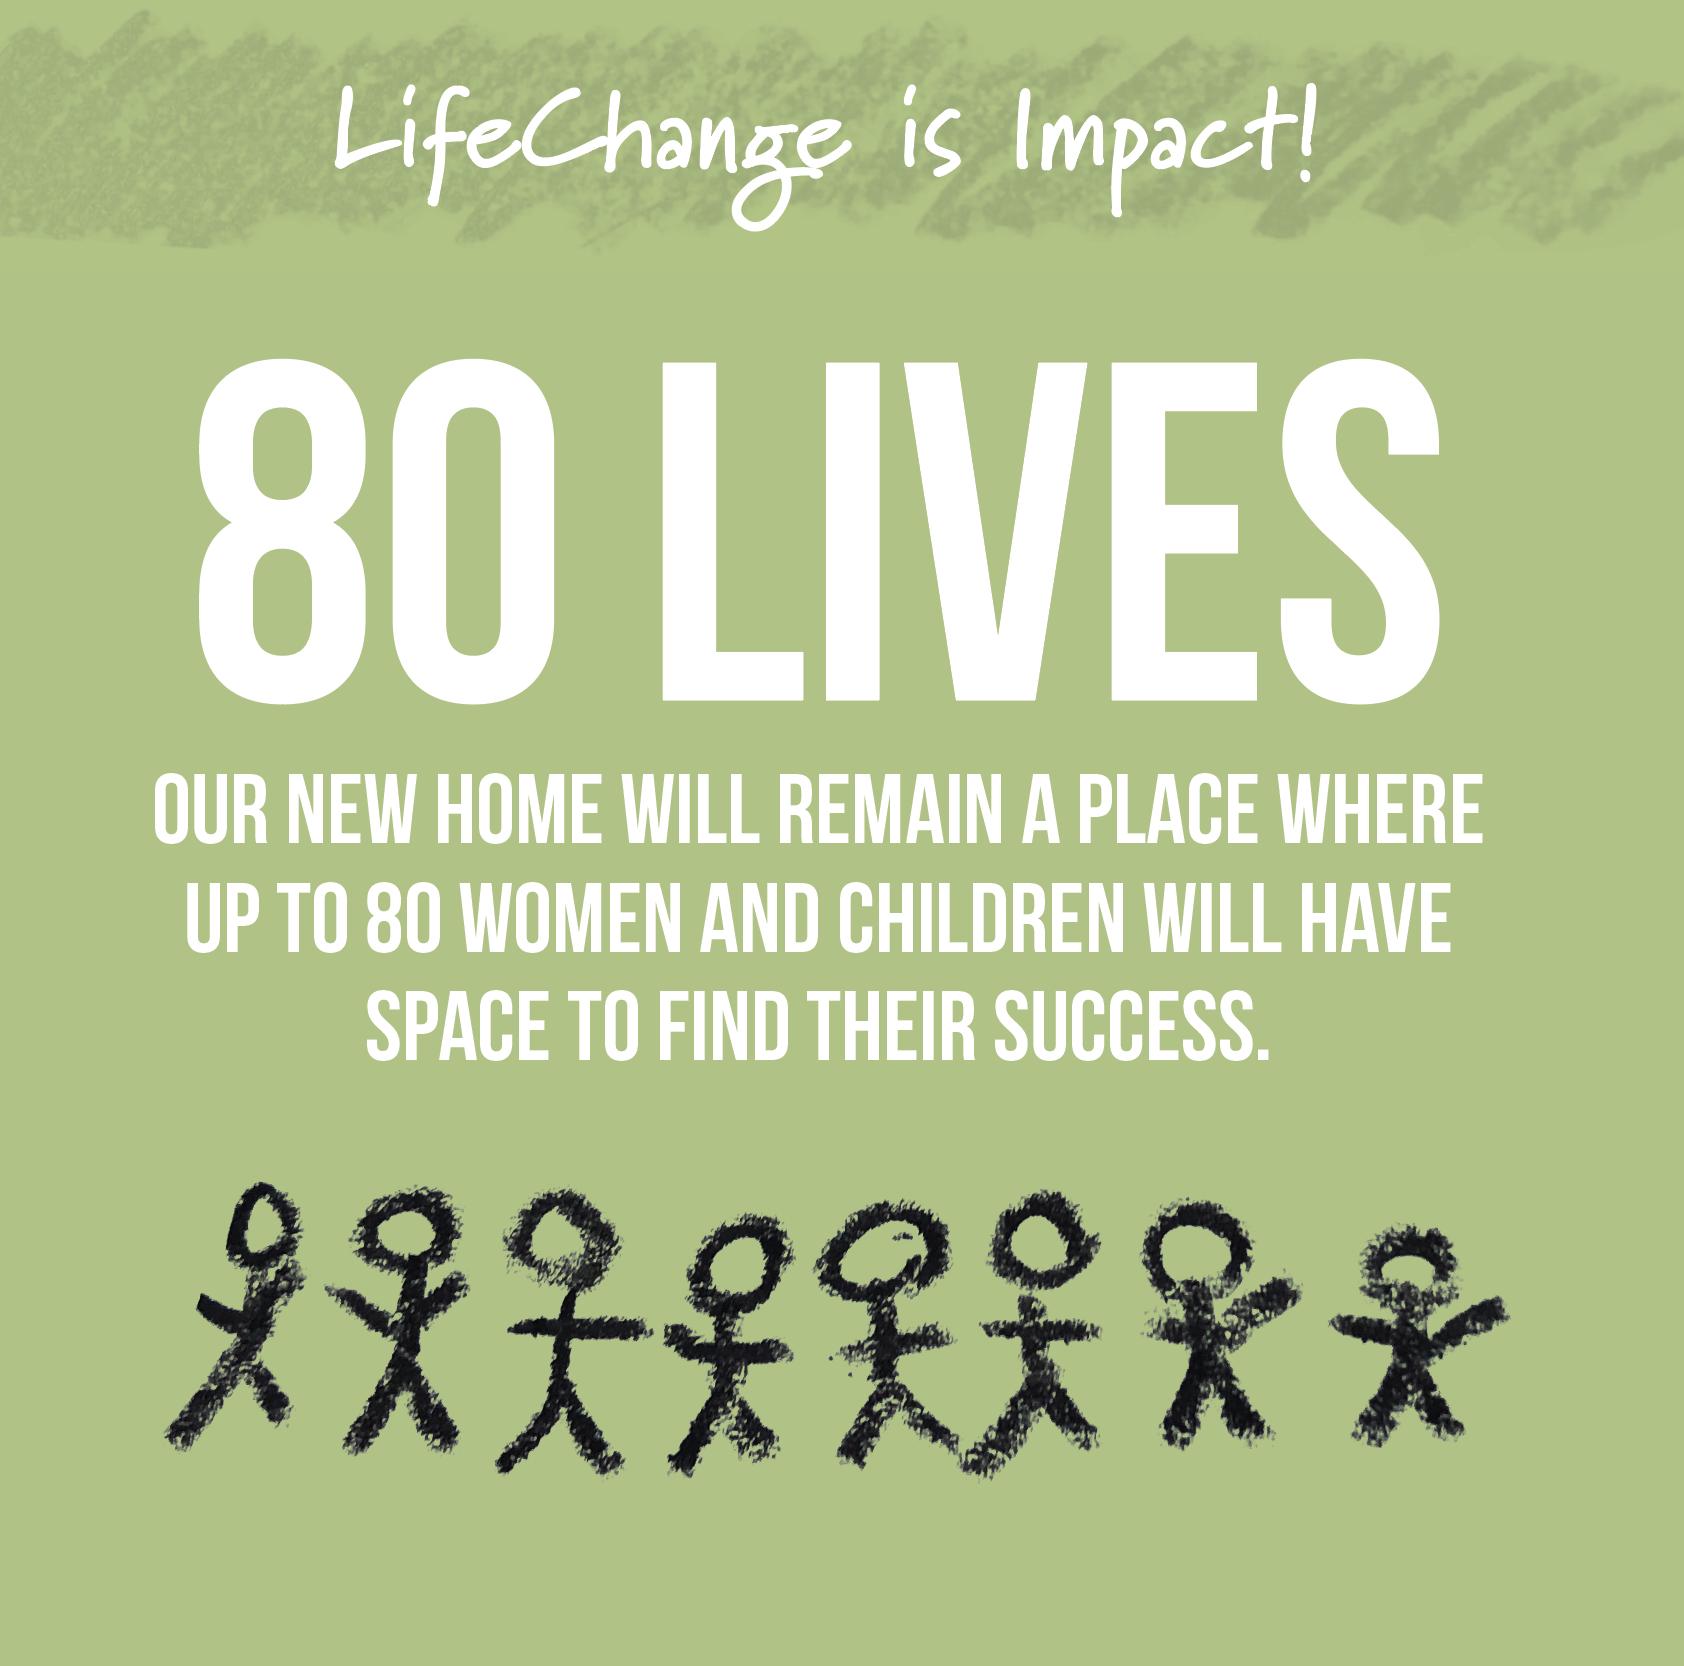 LifeChange is Impact